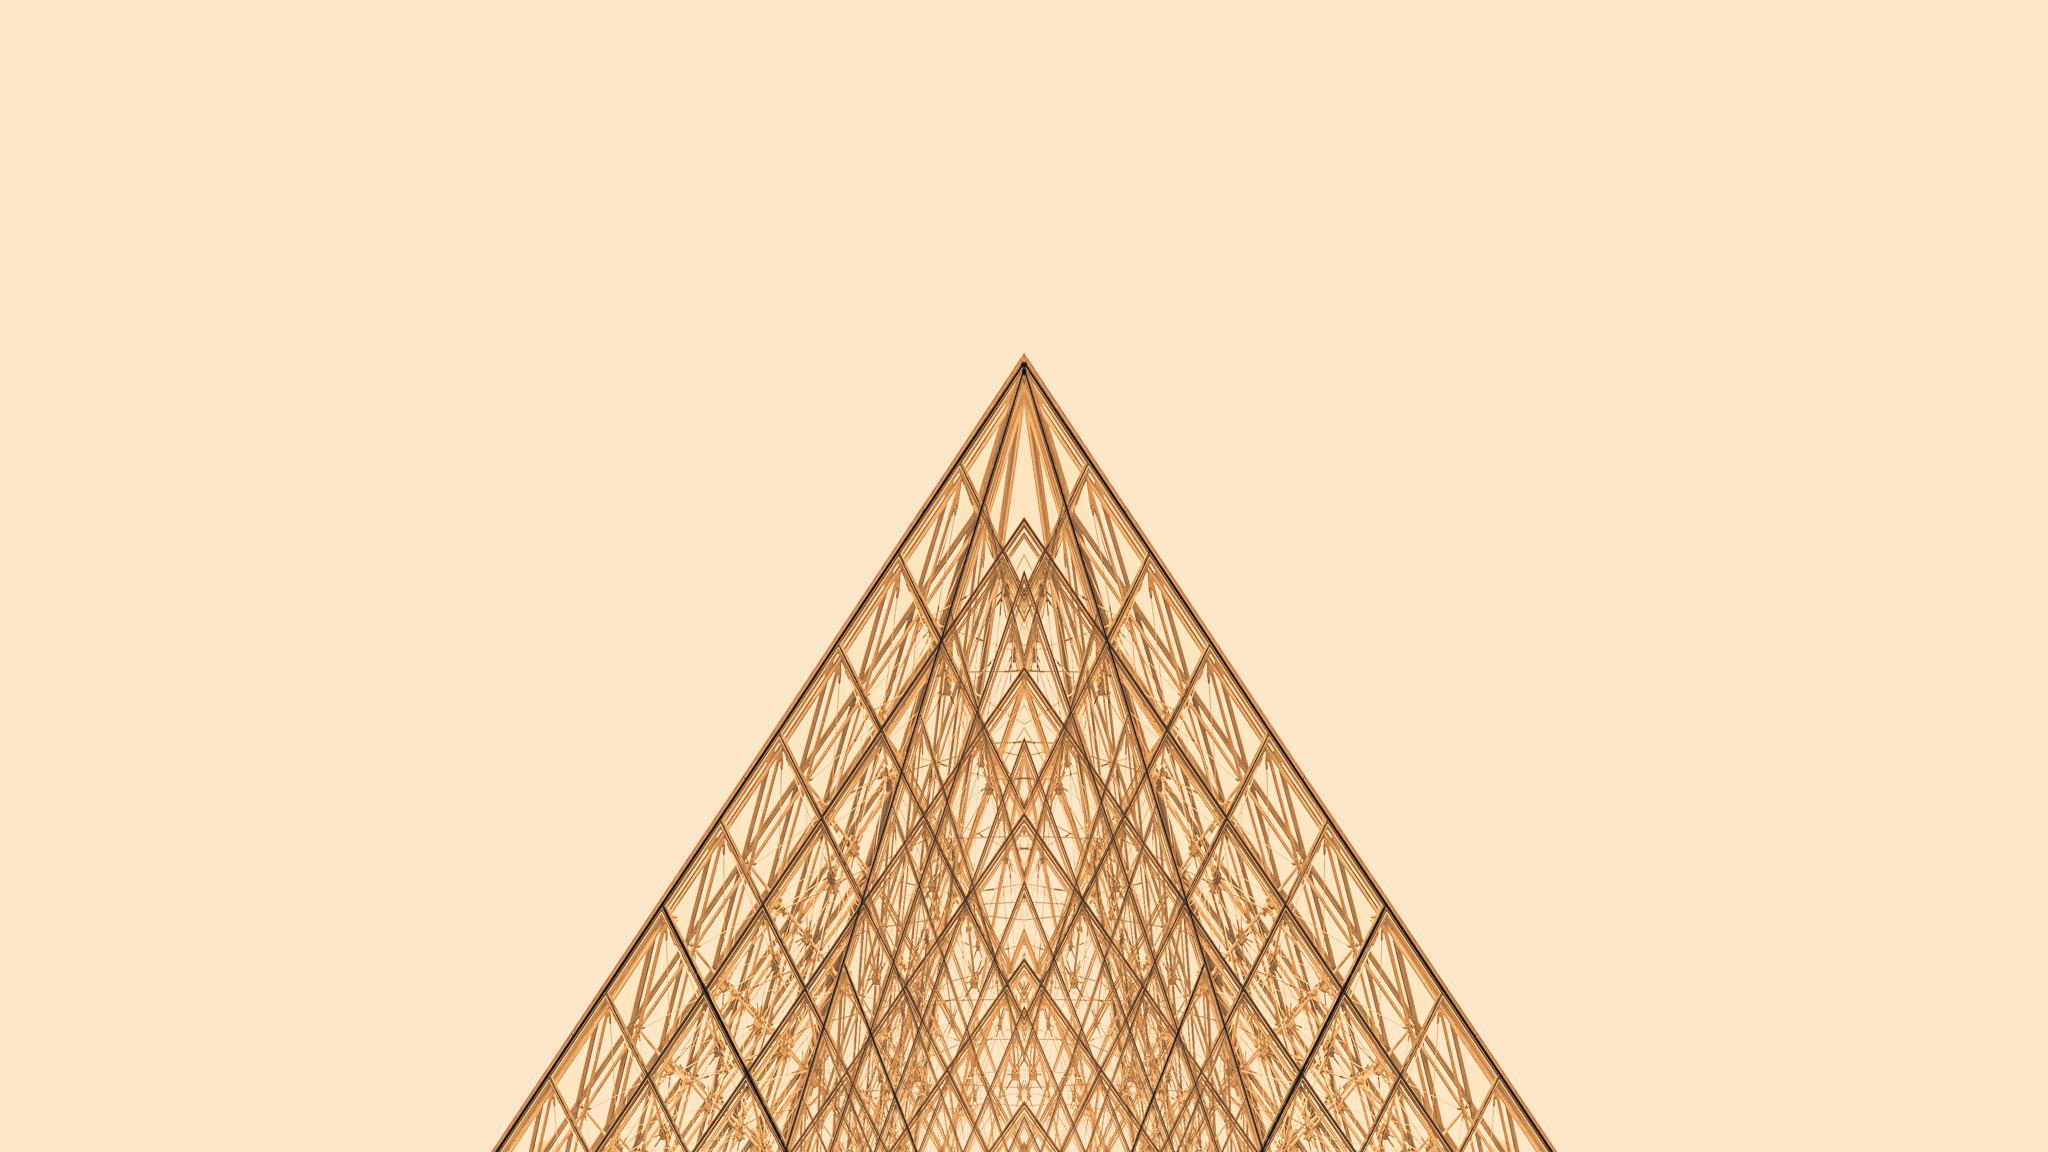 minimalPARIS - Musée du Louvre - zaiczdomokos.com